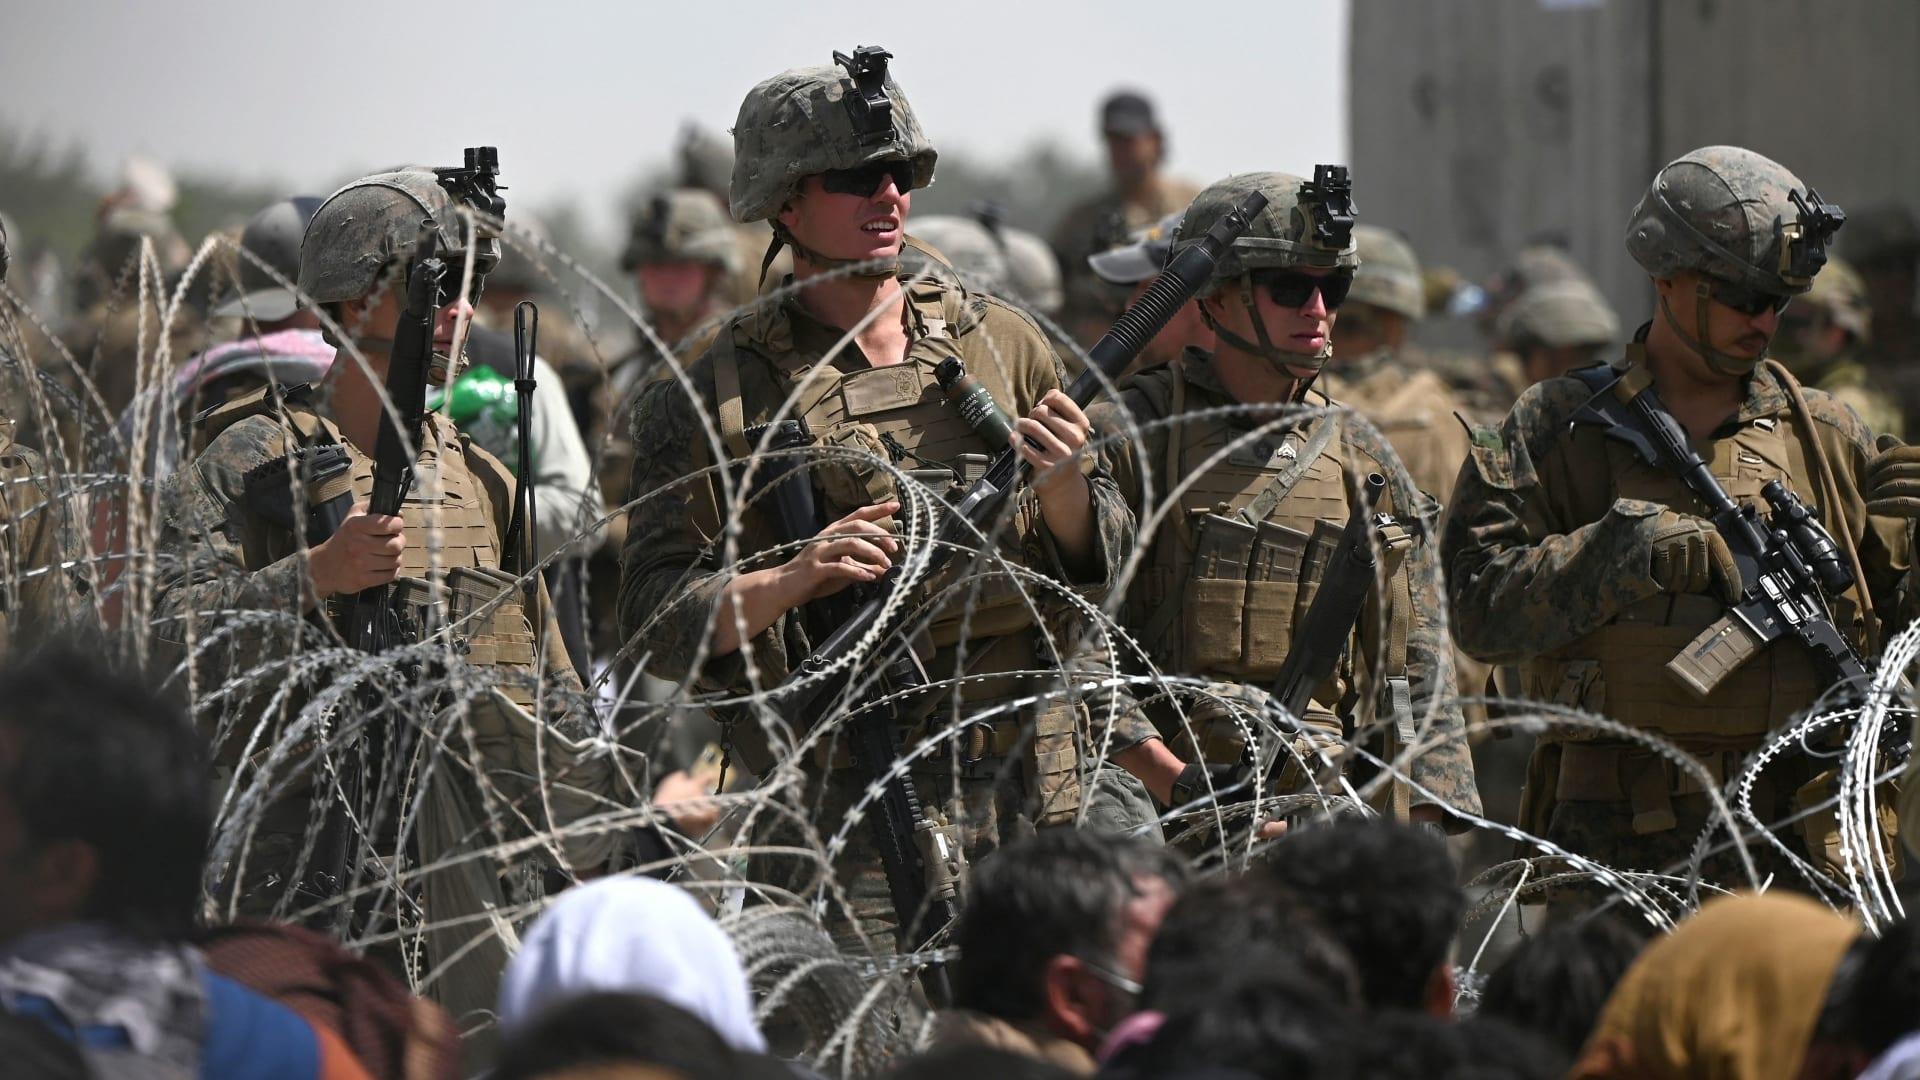 مراسلة CNN تسرد مخاطر نقل الأخبار من أفغانستان وتقارن وضعها بوضع صحفيين أفغان